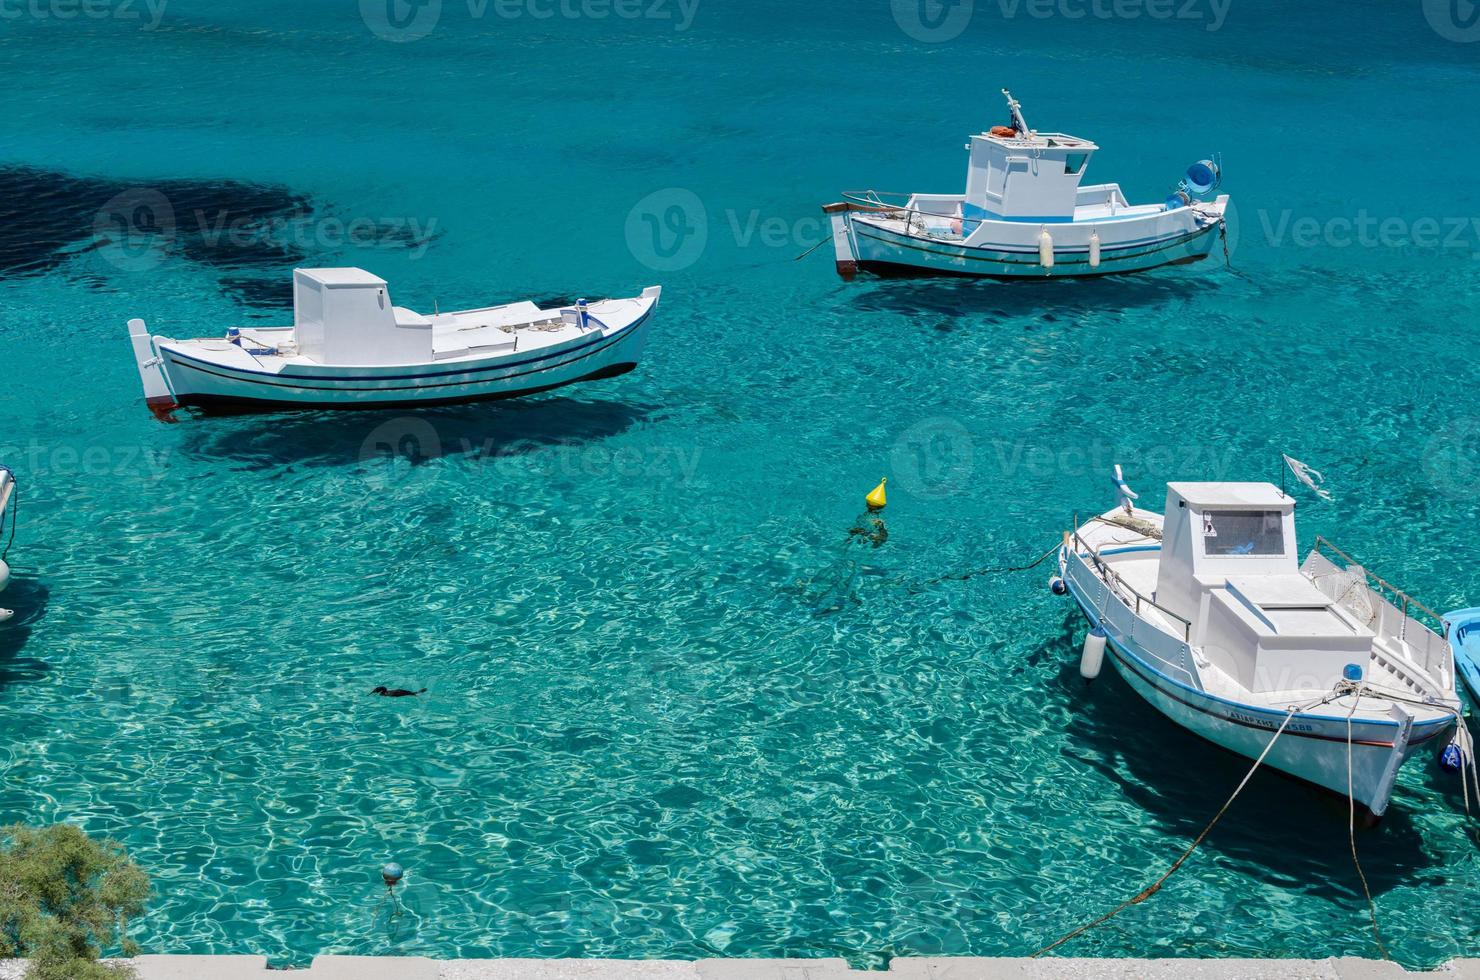 barcos de pesca foto